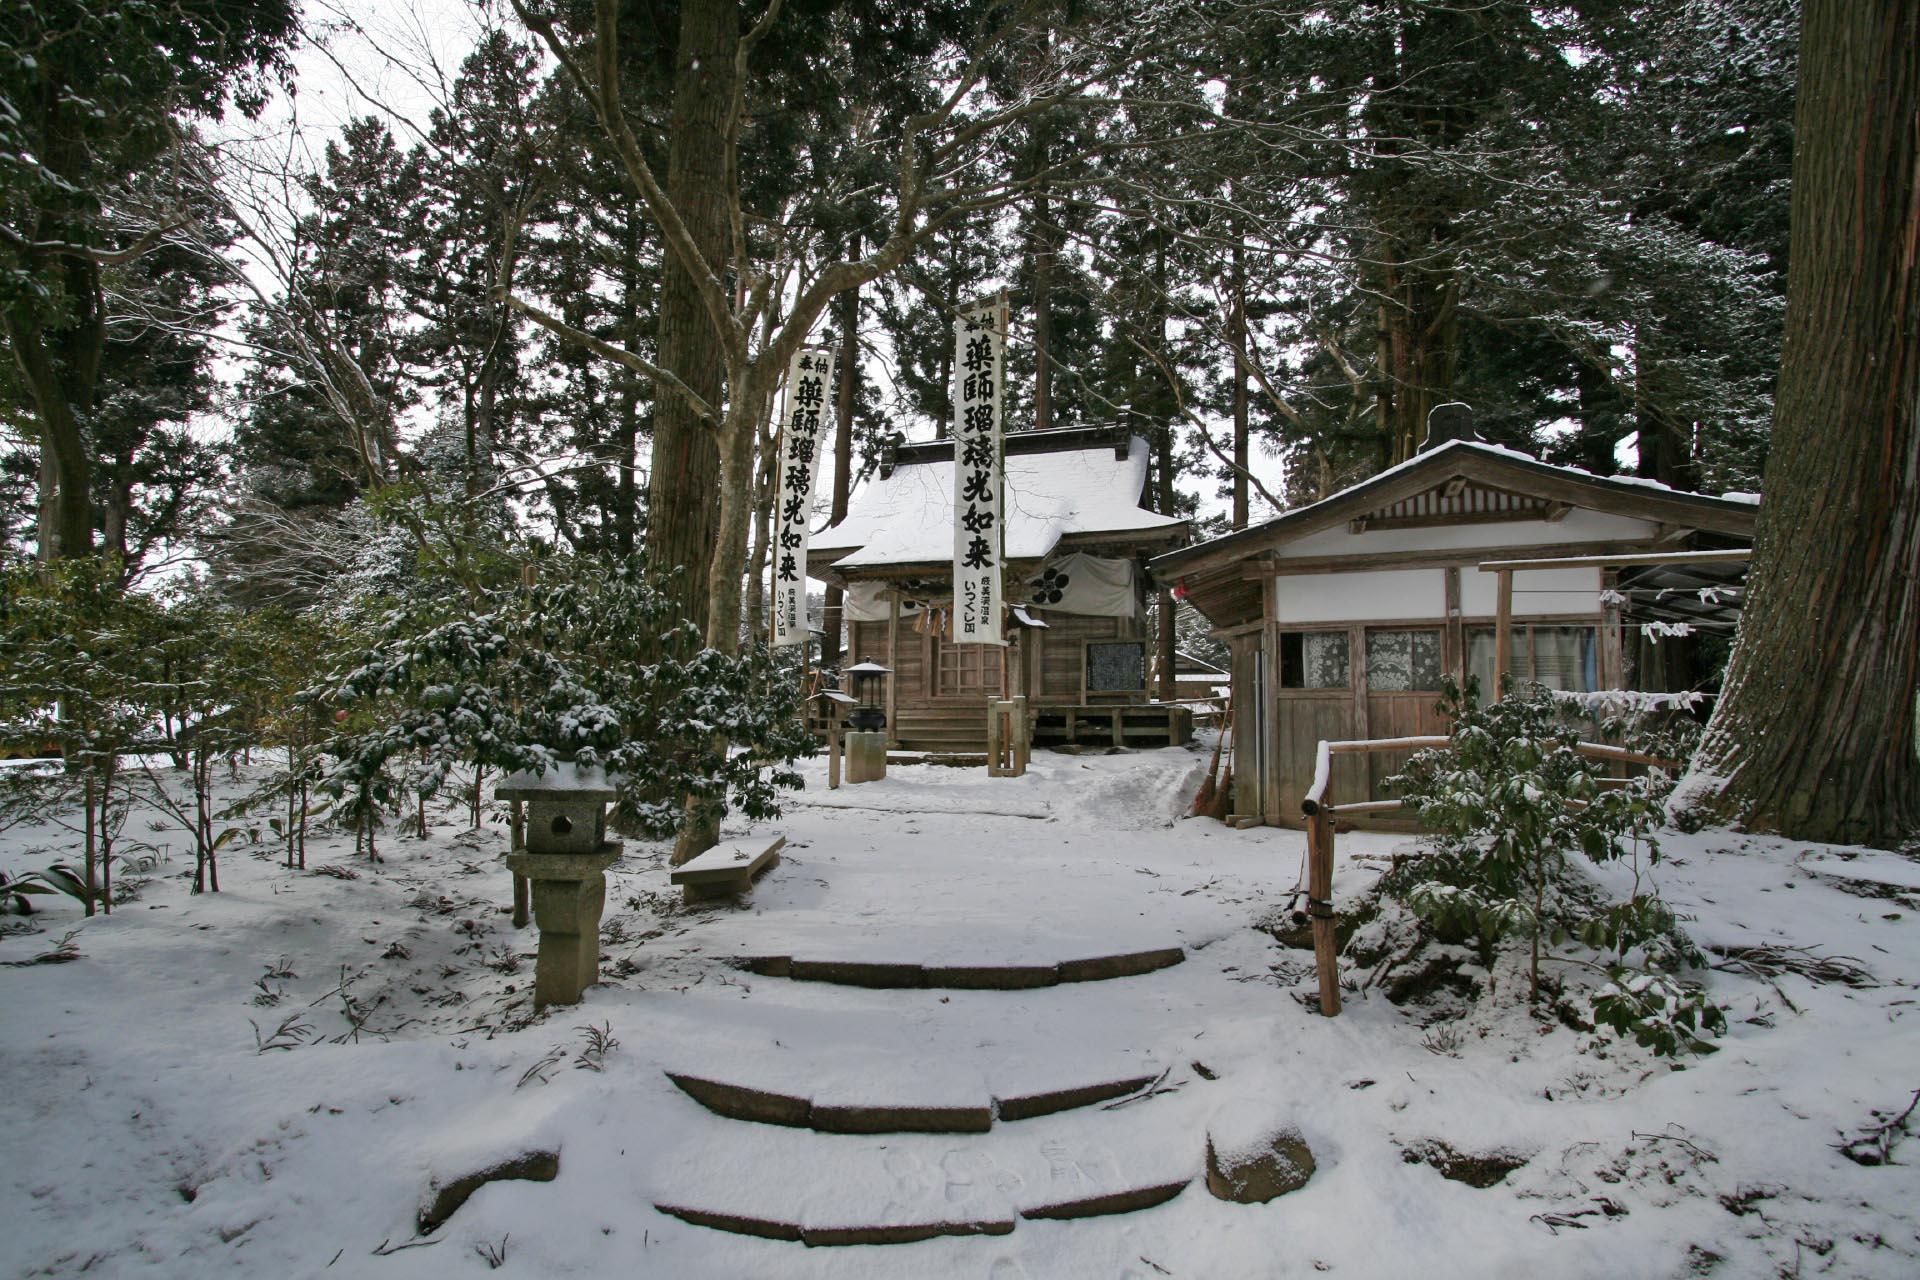 冬の奥州平泉 中尊寺薬師堂 岩手の風景